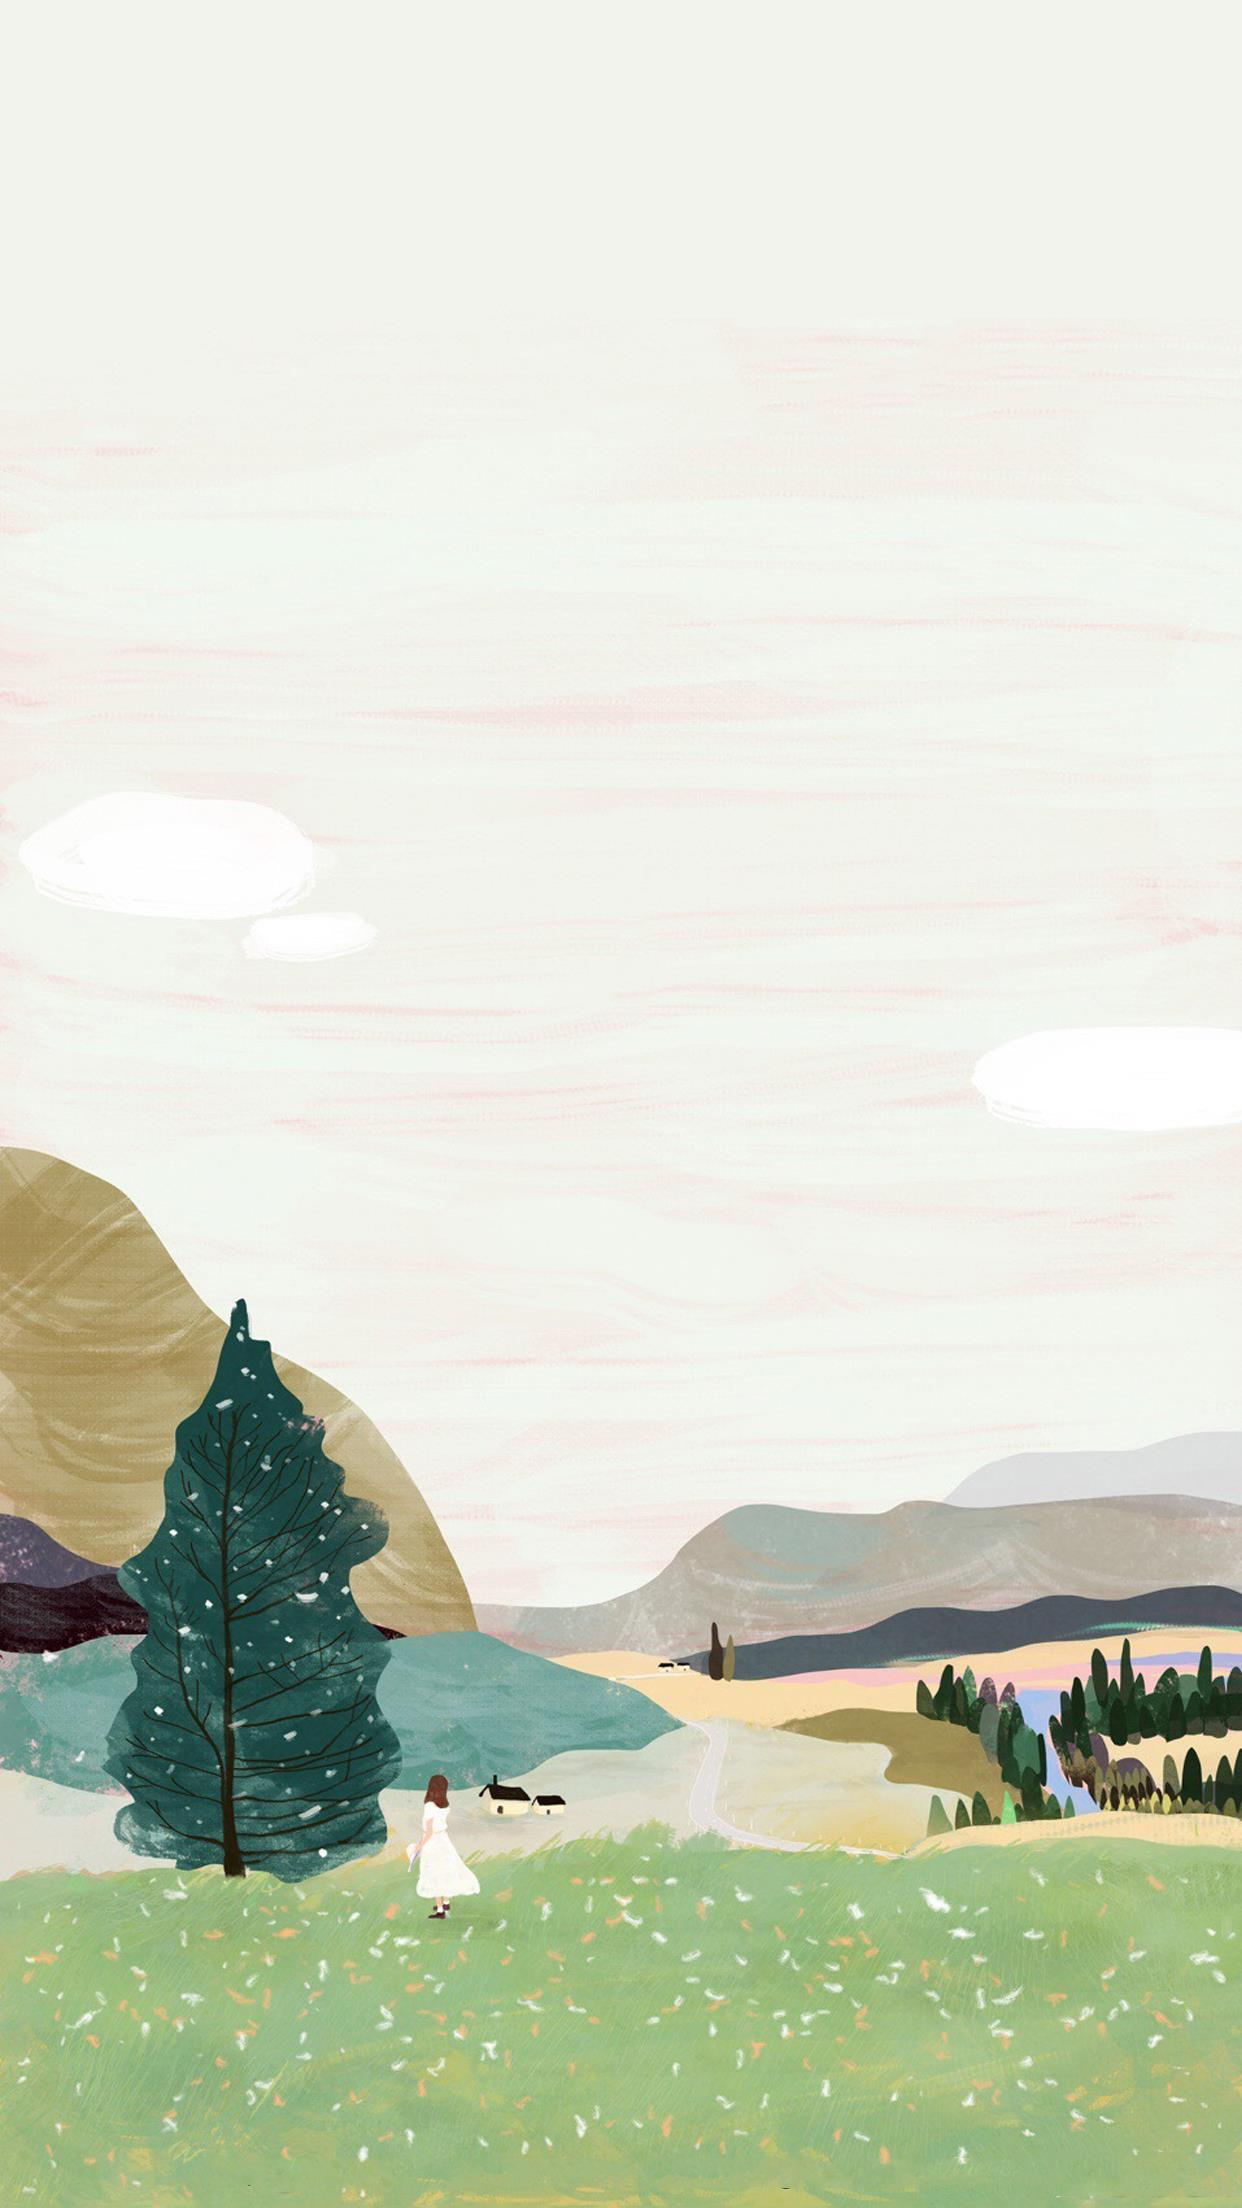 【壁纸】唯美风景意境插画